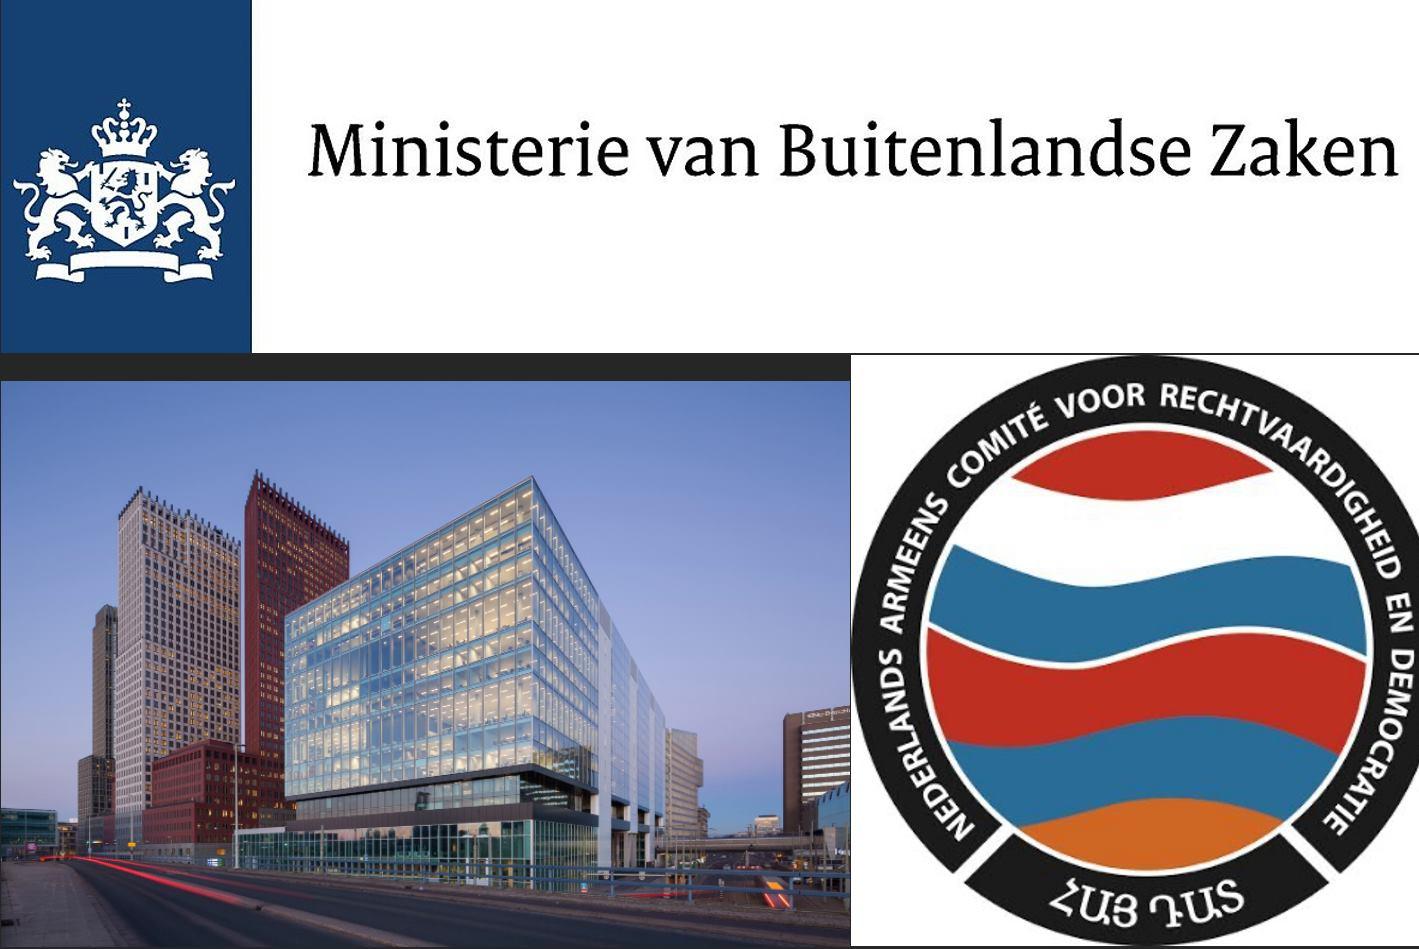 Petitie overhandig Ministerie van Buitenlandse Zaken 24 september 2021